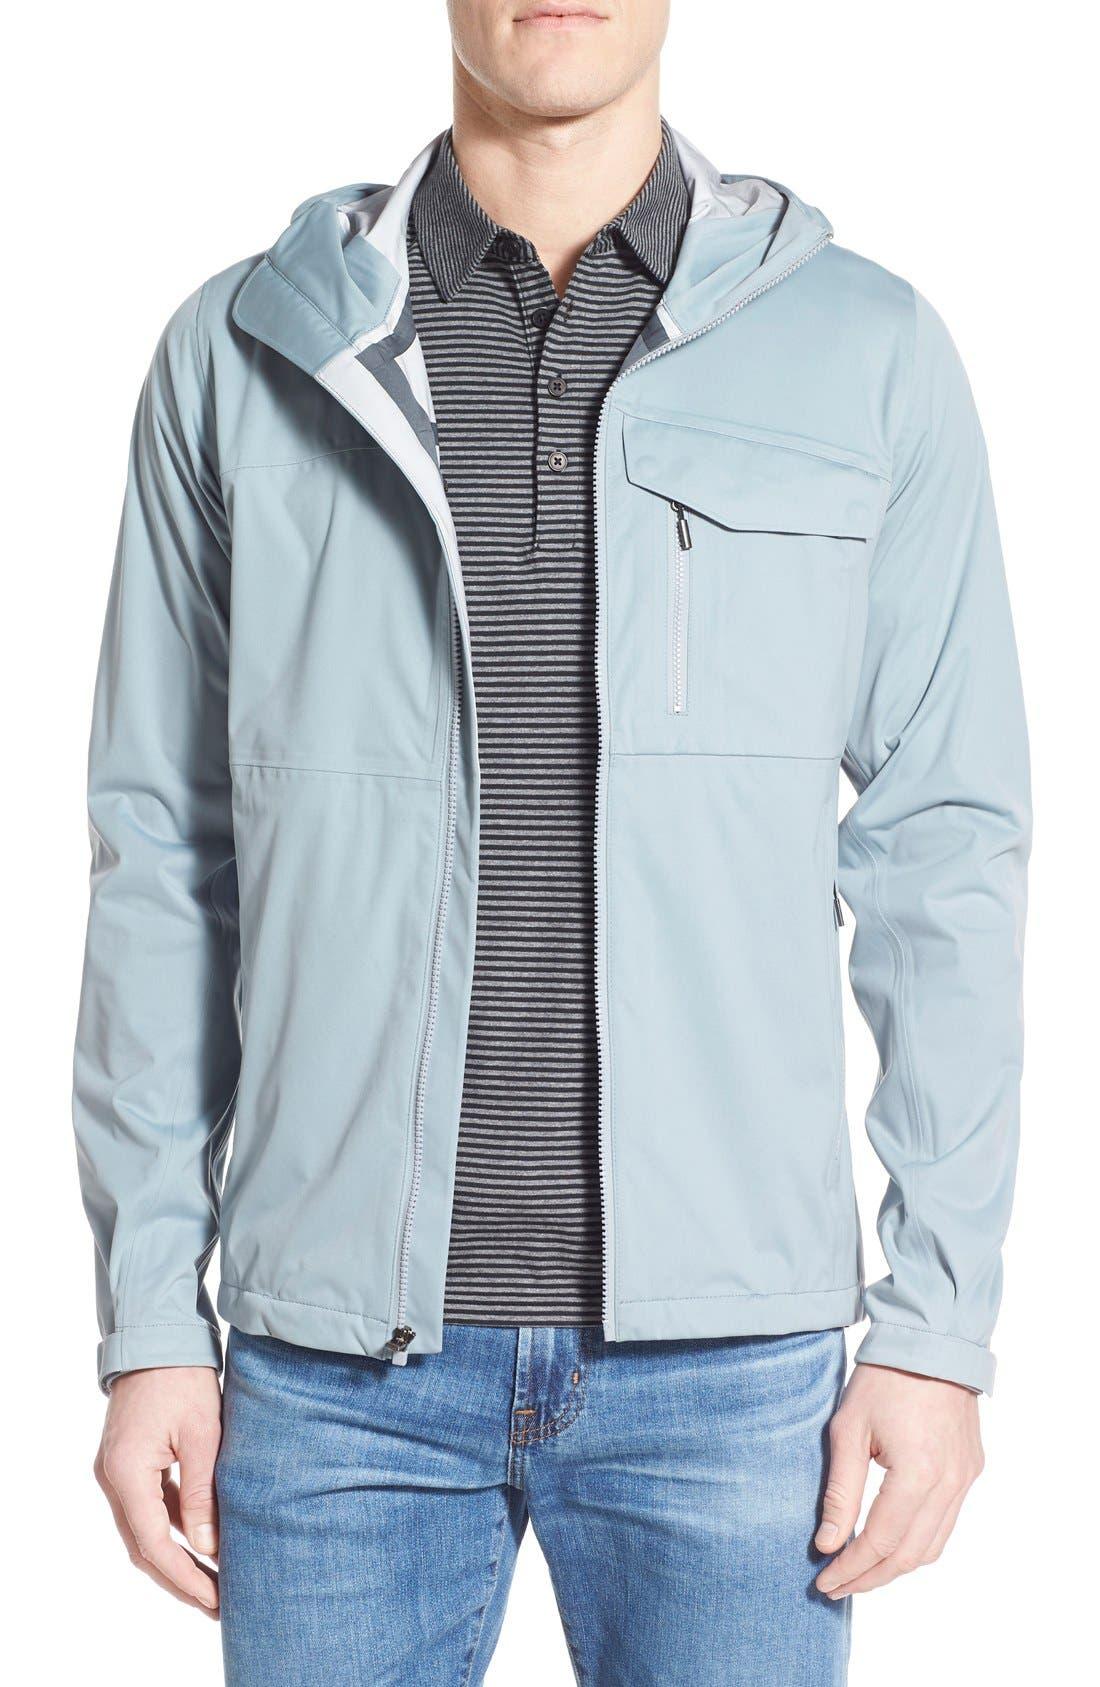 Main Image - Nau 'Rebound' Regular Fit Zip Hooded Jacket